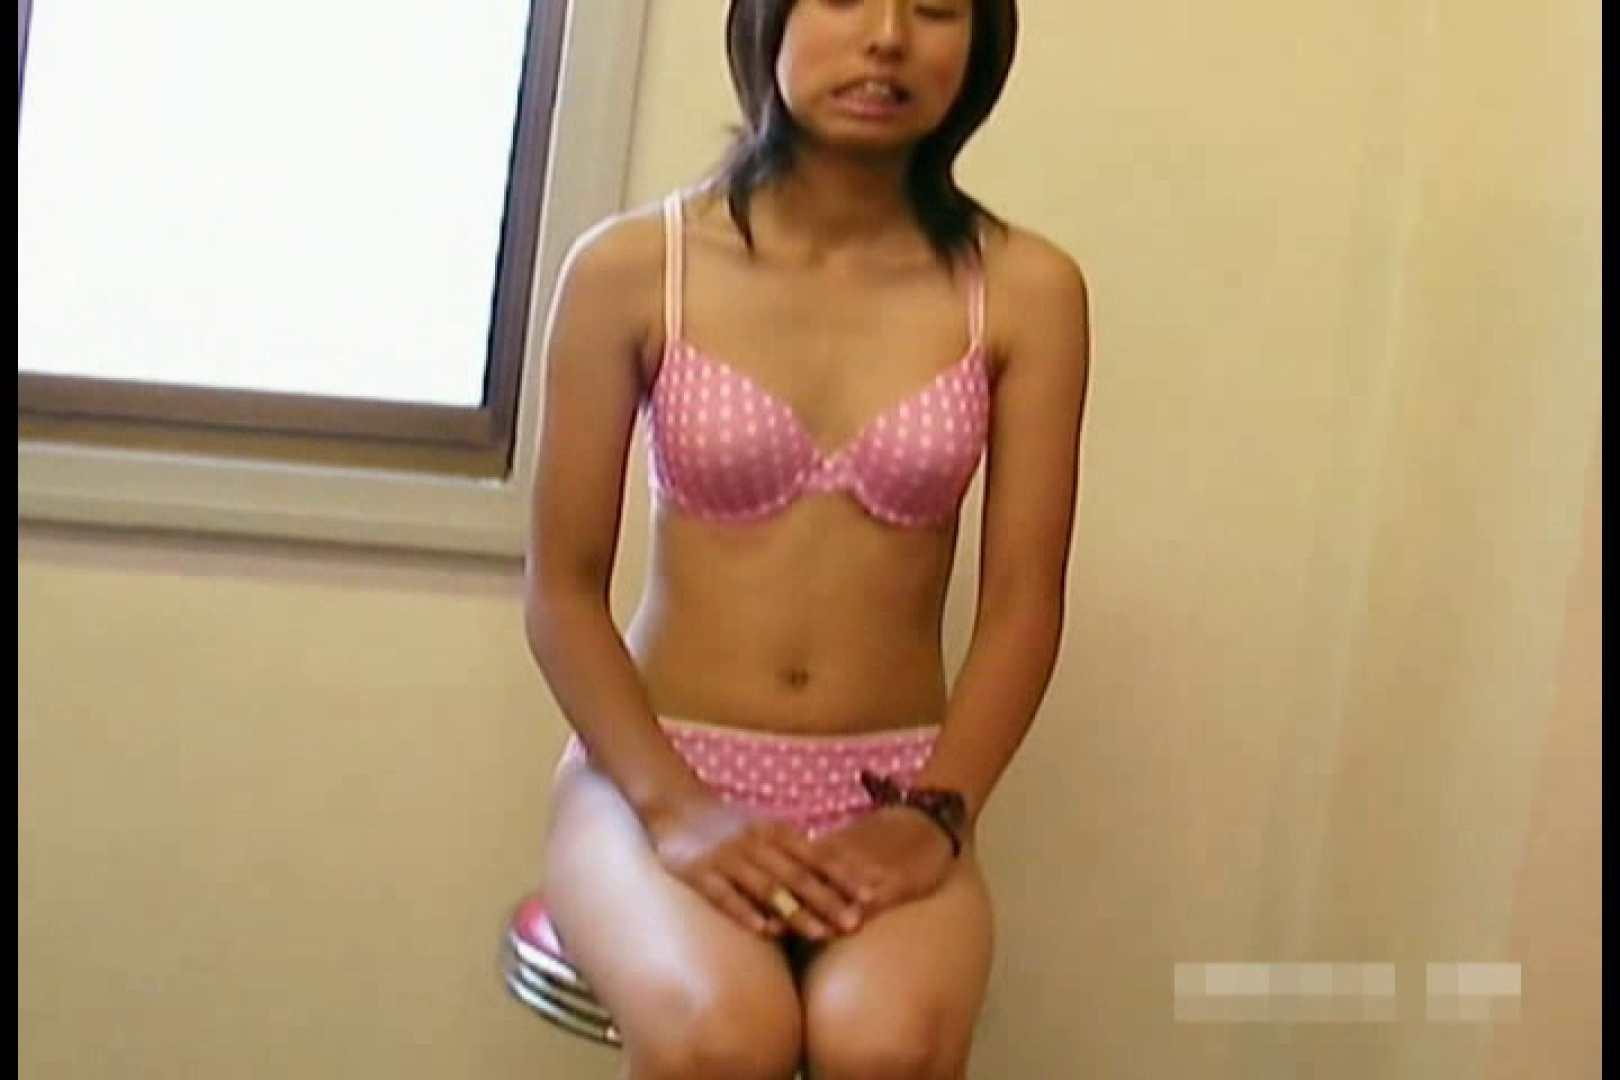 素人撮影 下着だけの撮影のはずが・・・エミちゃん18歳 素人のぞき エロ画像 65pic 20